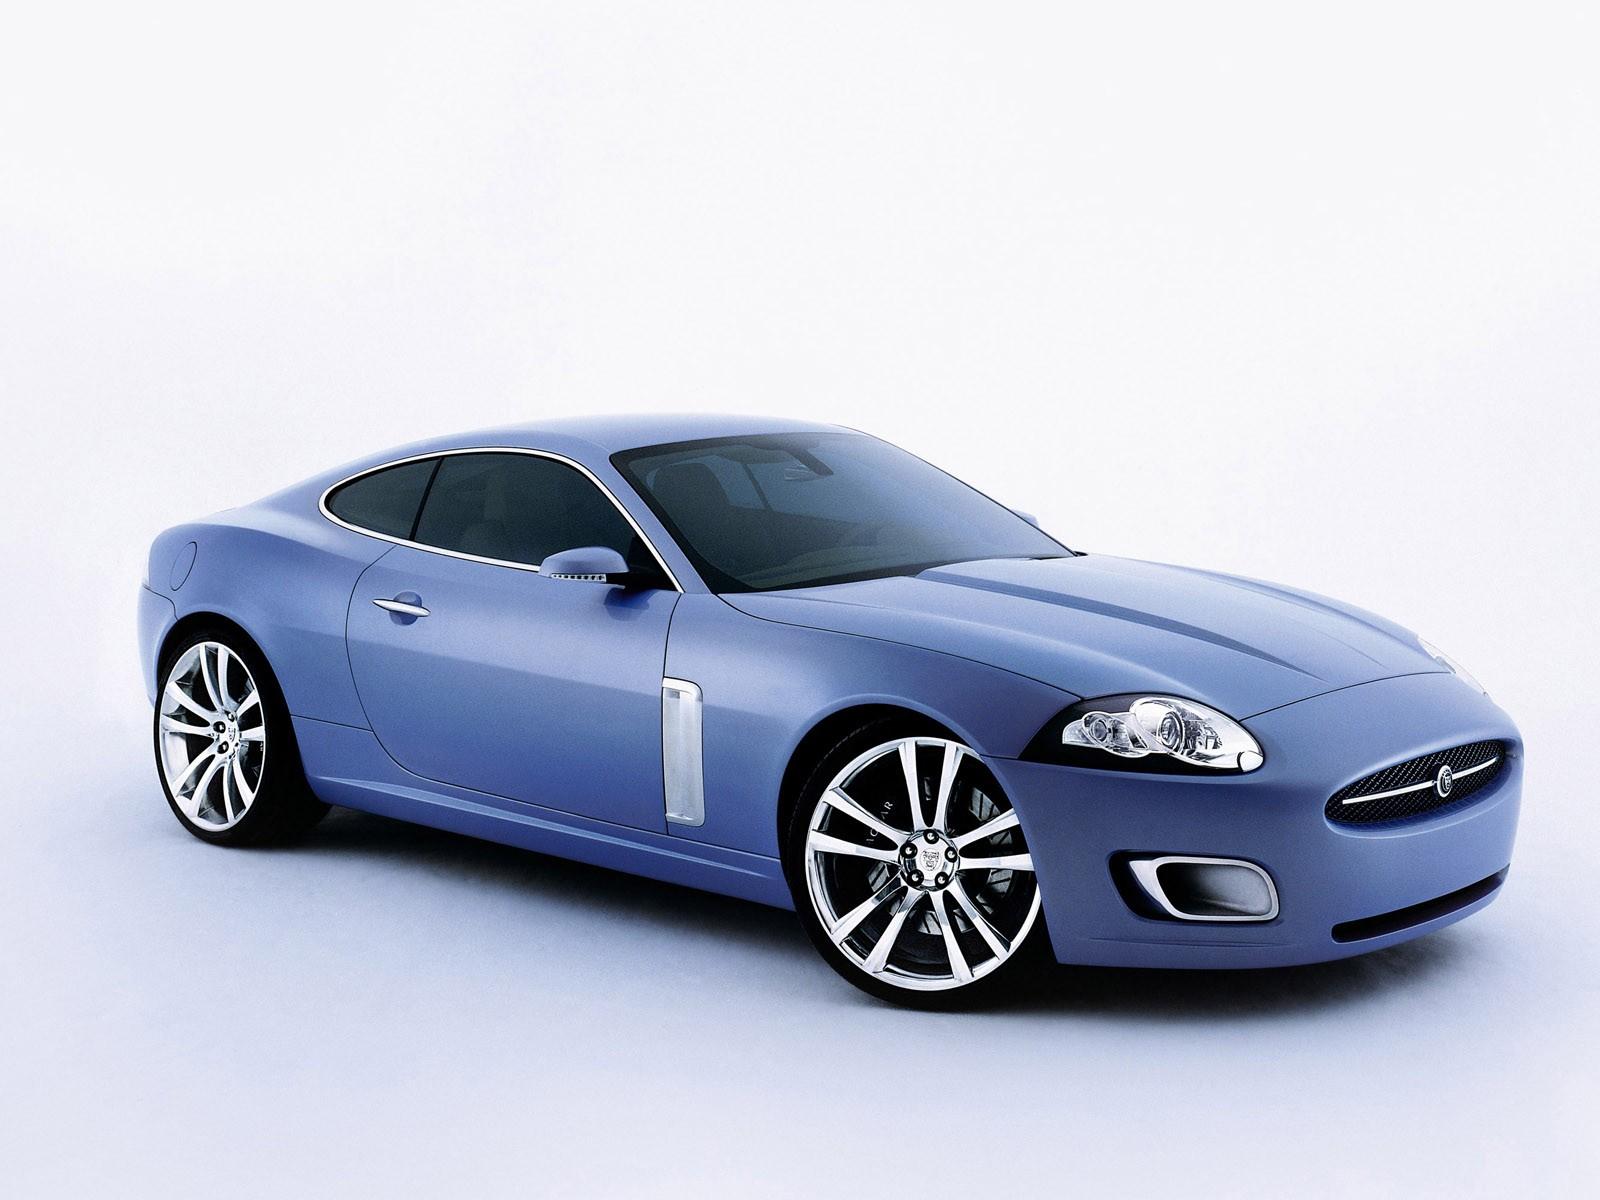 Hot Cars: The Amazing Jaguar Concept Car